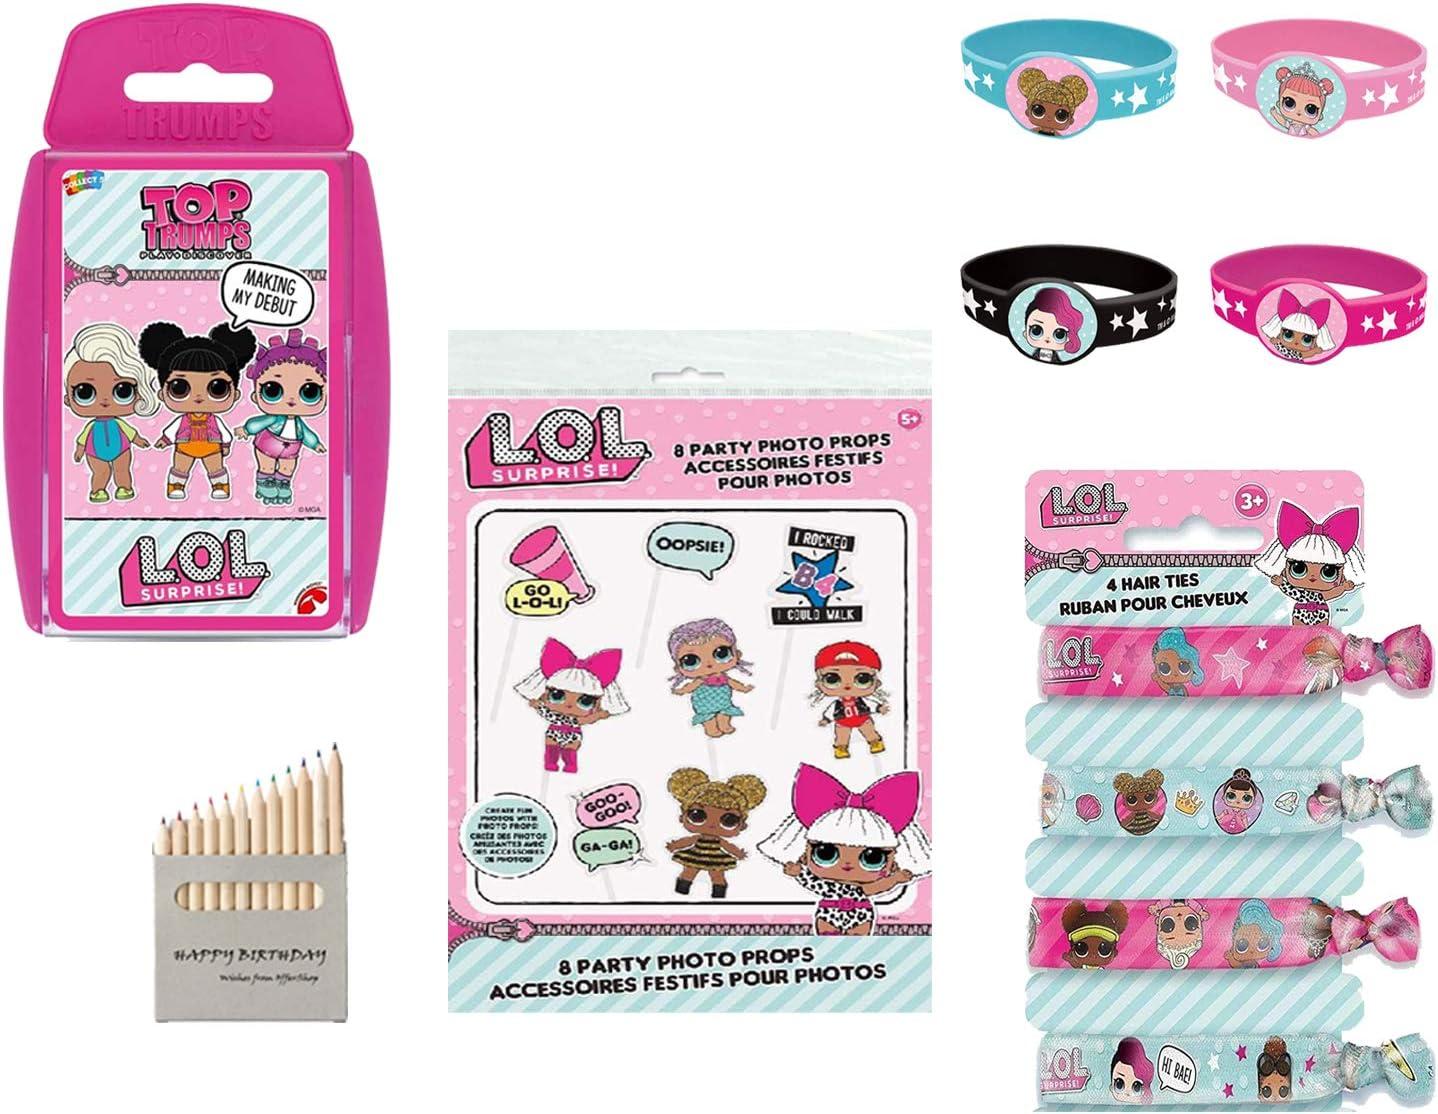 LOL Caja de Regalo para niñas Summer Toys LOL Surprise Wristband - Lazos para el Cabello - Accesorios para fotomatón - Tarjeta LOL Top Trumps: Amazon.es: Juguetes y juegos